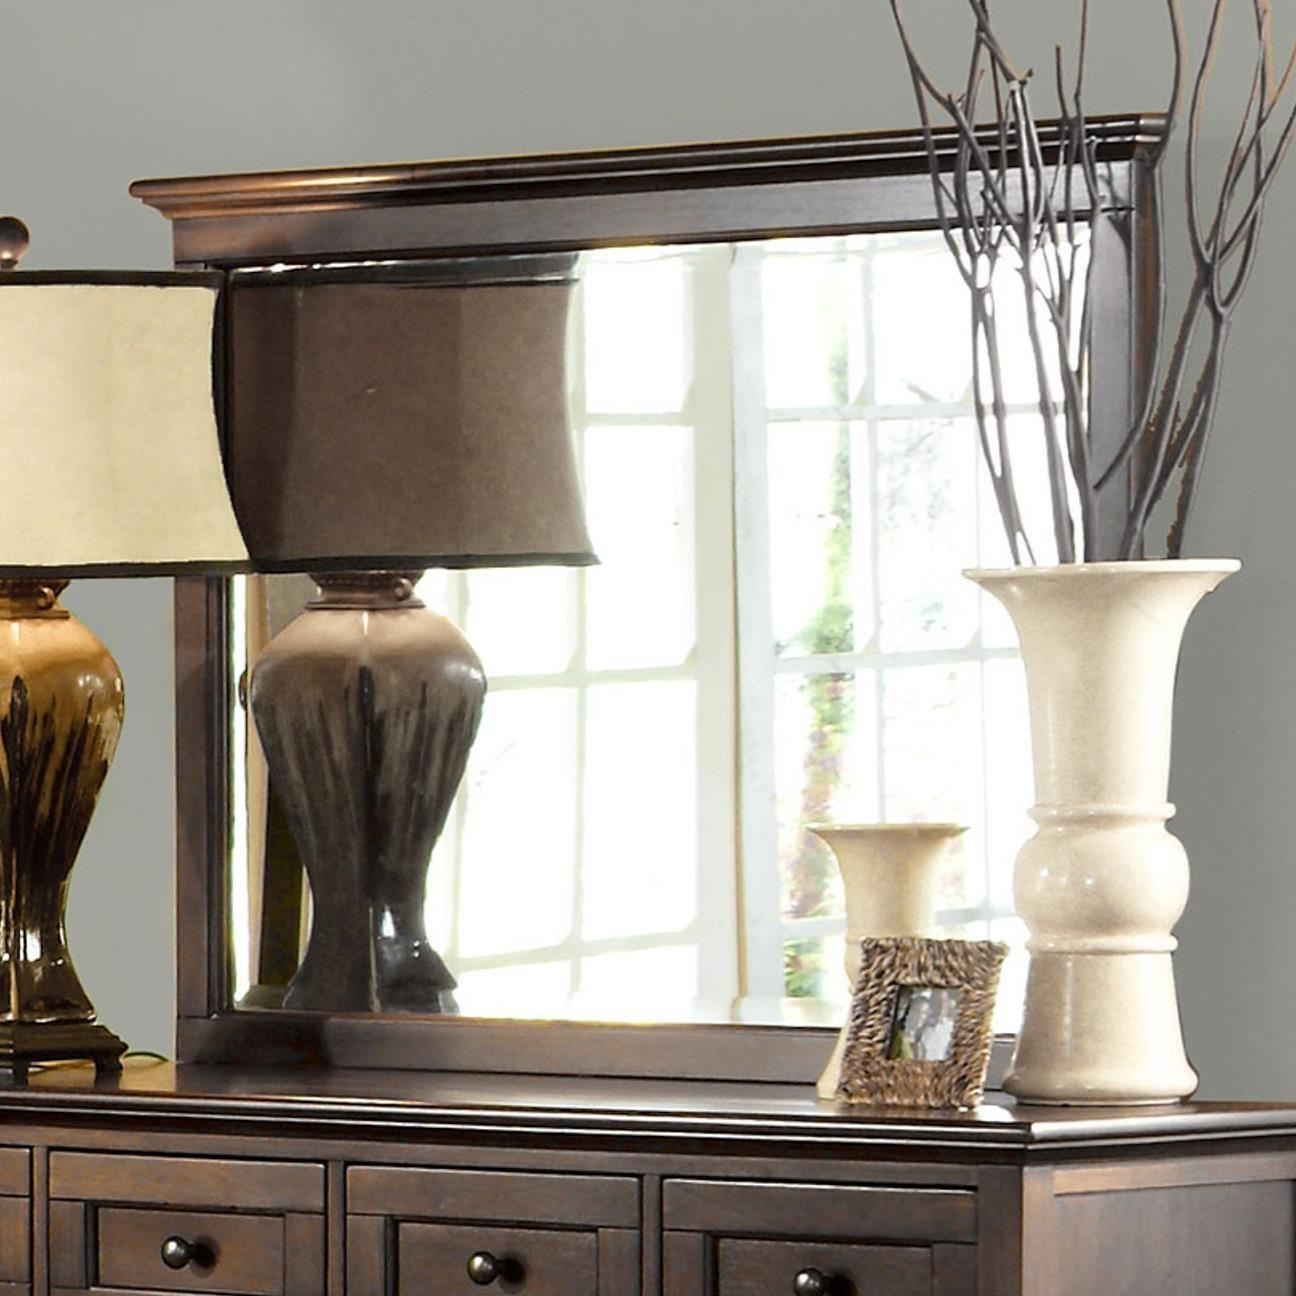 Westlake Dresser Mirror by A-A at Walker's Furniture